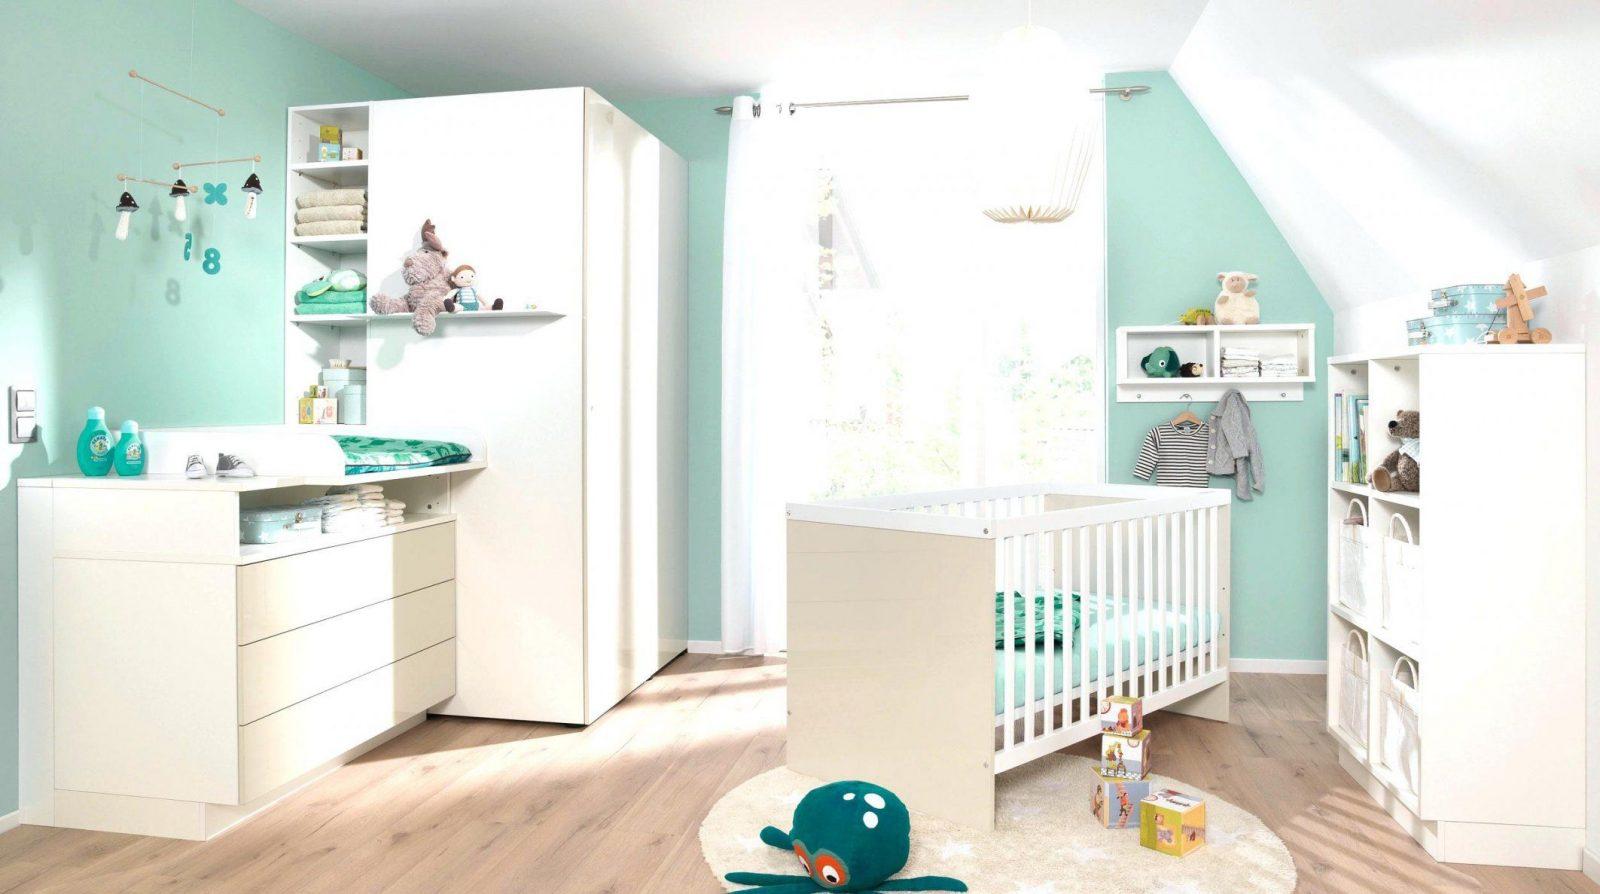 Deko Furs Zimmer Gattlich Baby Junge Sammlung Diner In Entscheidend von Deko Ideen Babyzimmer Selber Machen Bild